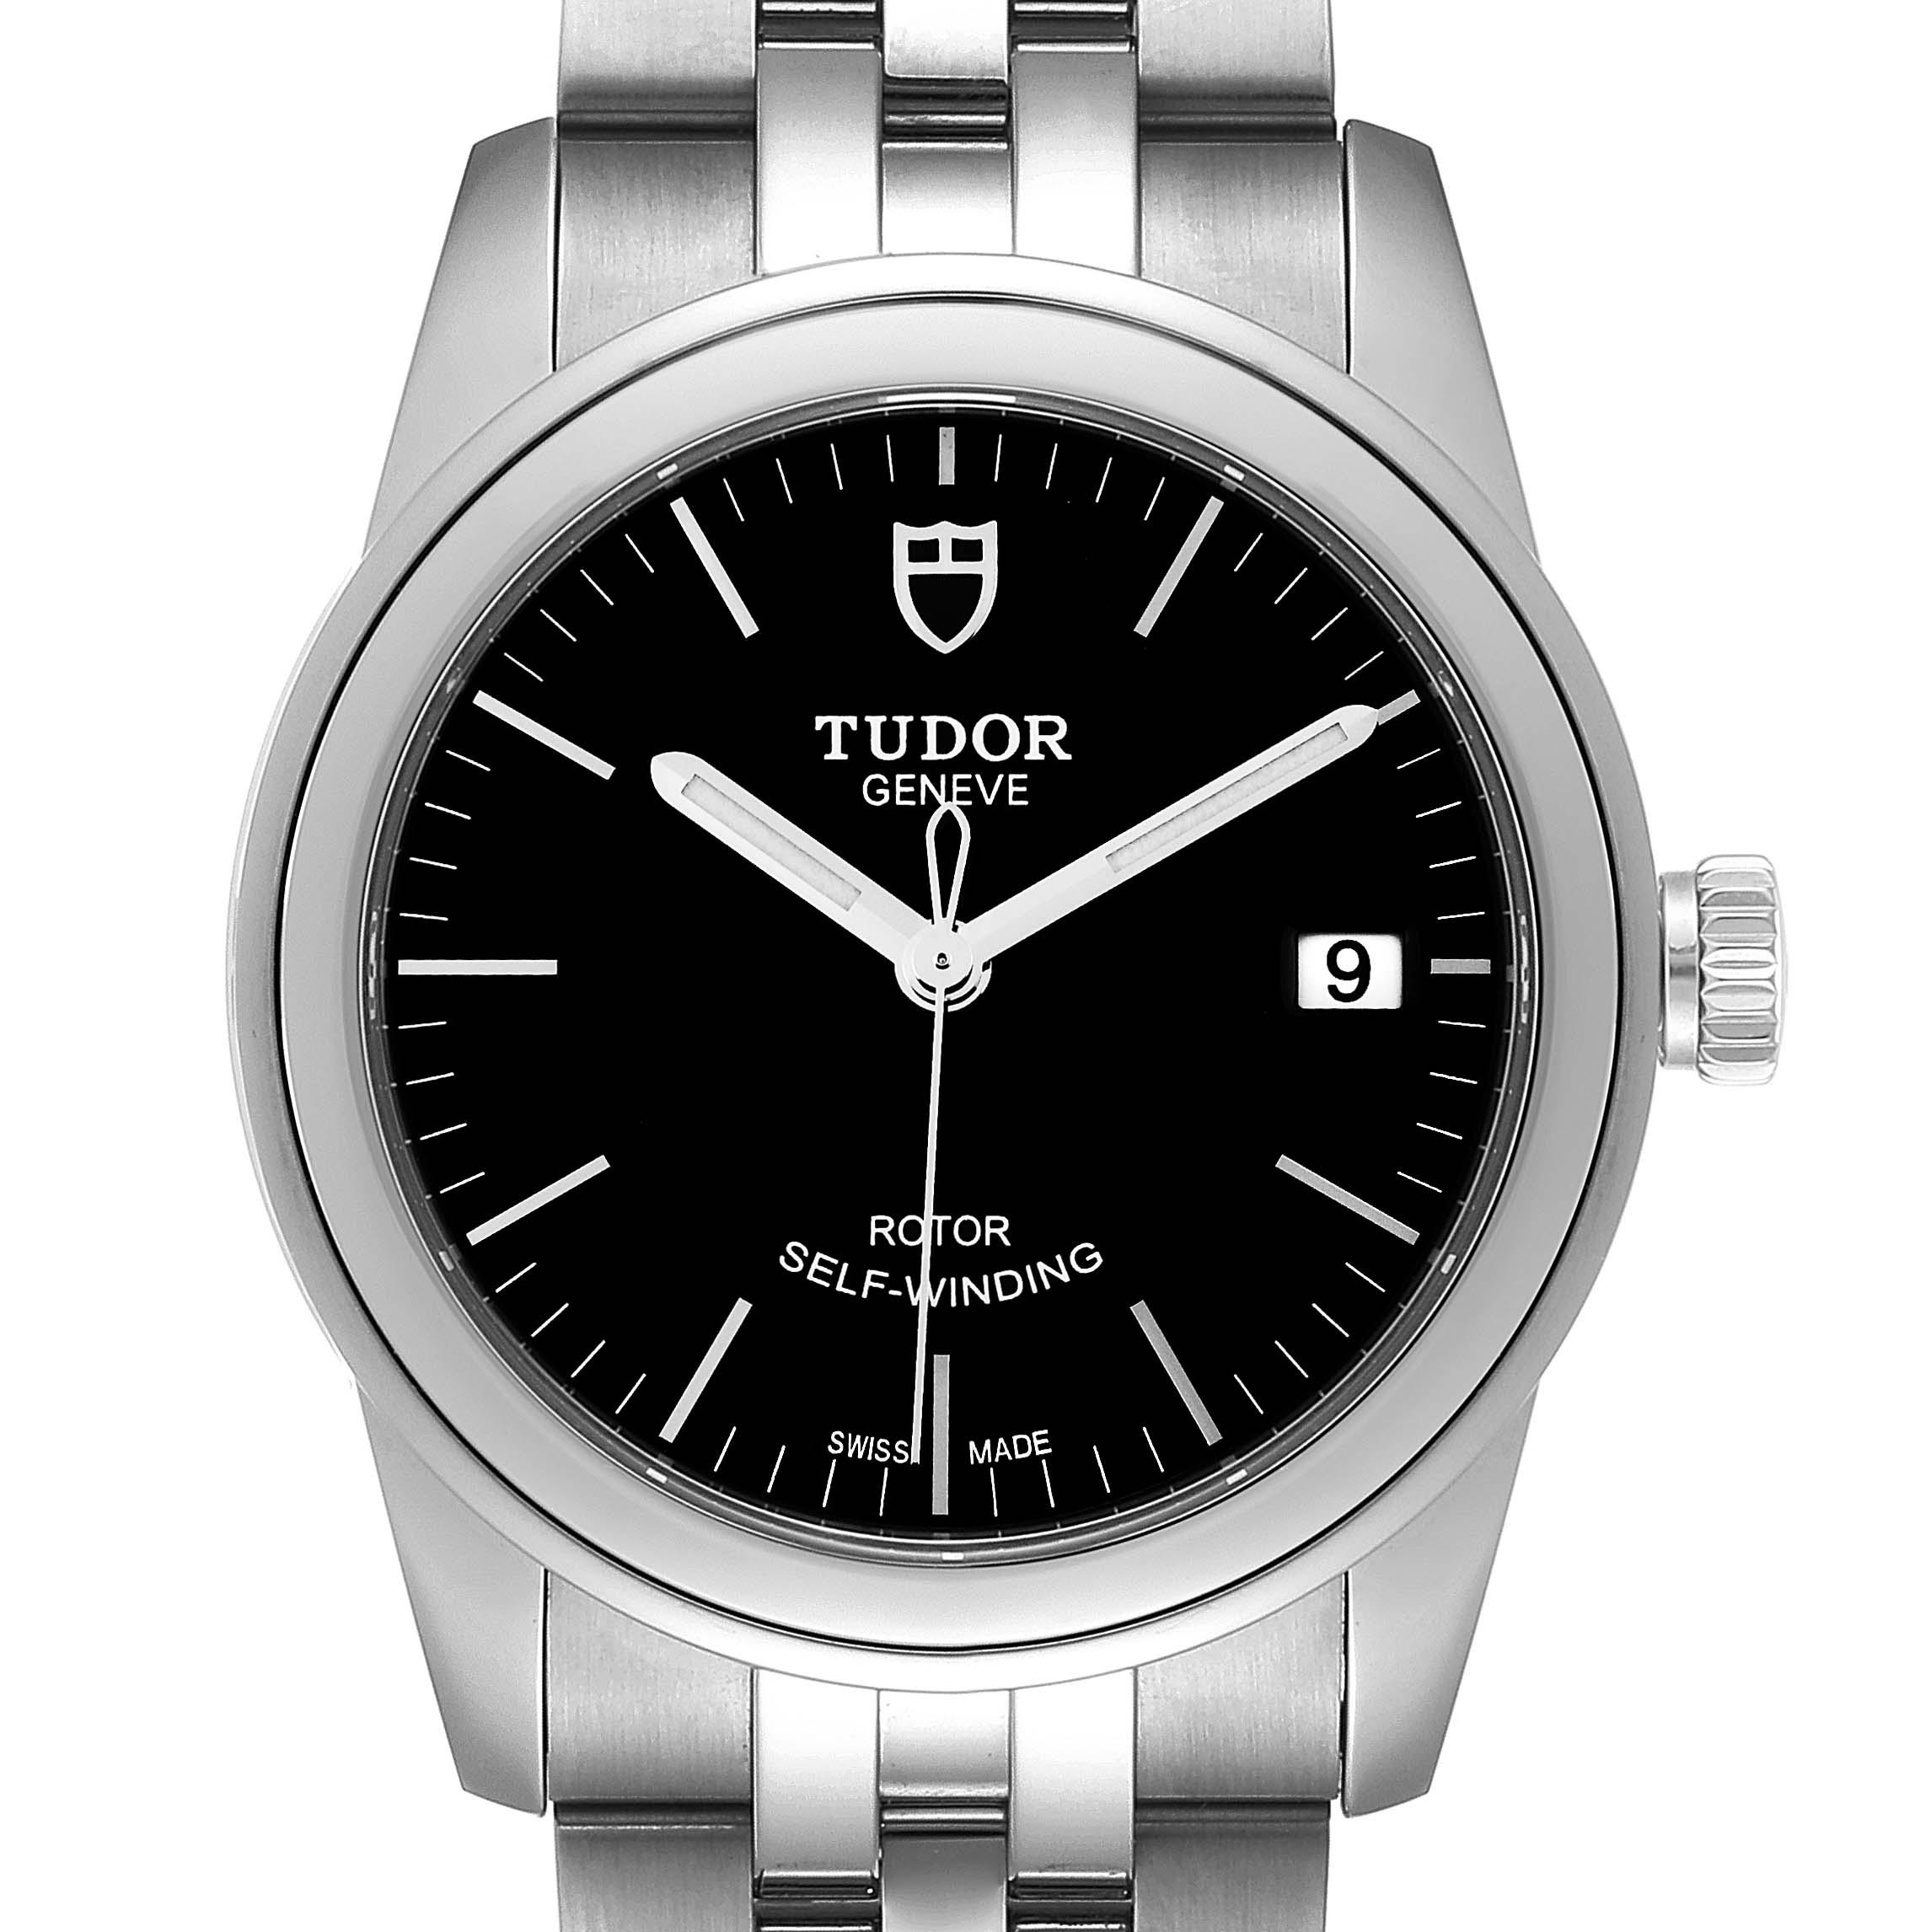 Photo of Tudor Glamour Date Black Dial Steel Mens Watch M55000 Unworn